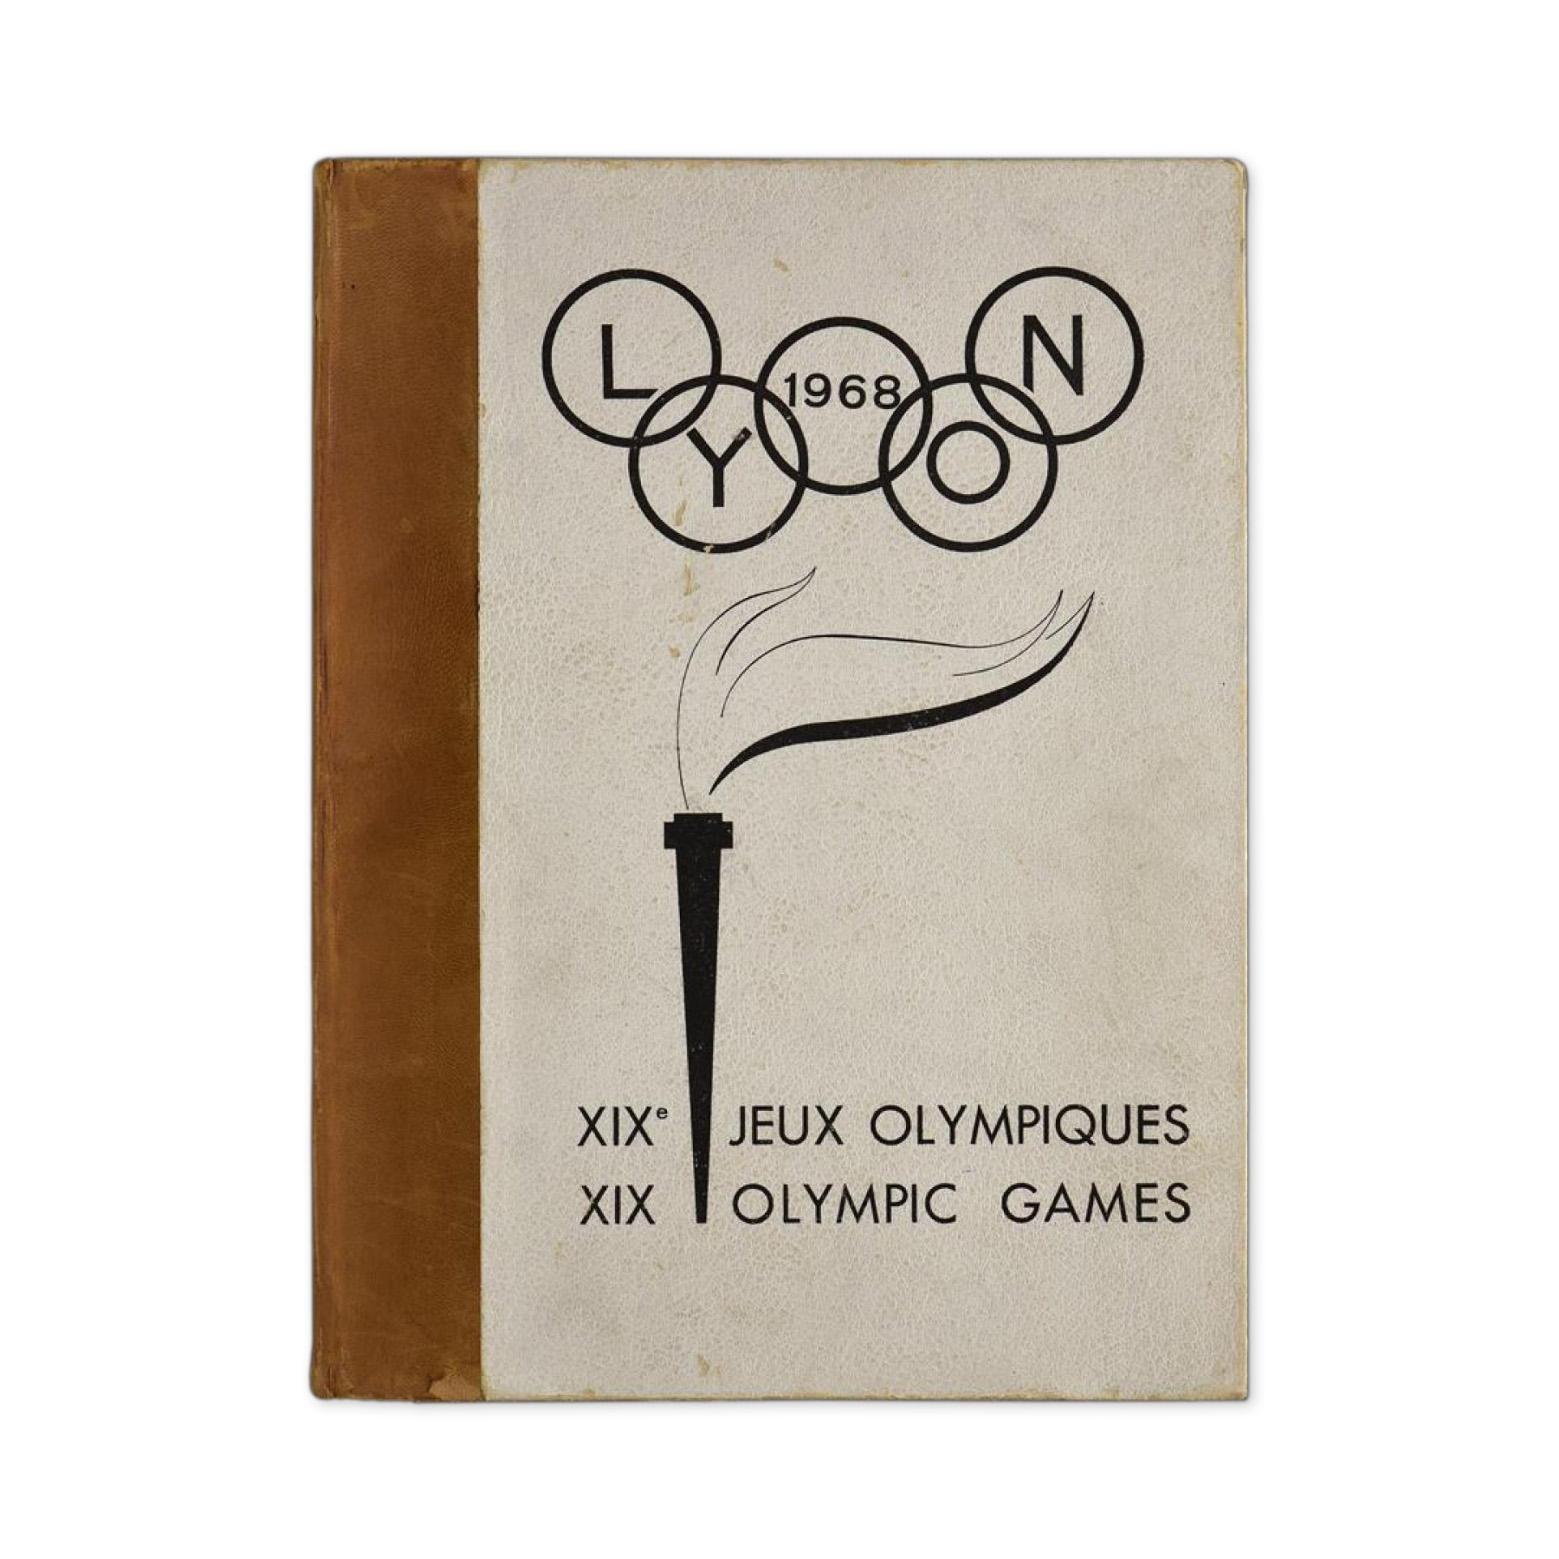 625€ Lyon 1968. XIXesJeux Olympiques, maquette pour la candidature de la ville, texte en français et en anglais.Lyon, 23mai 2019.Conan